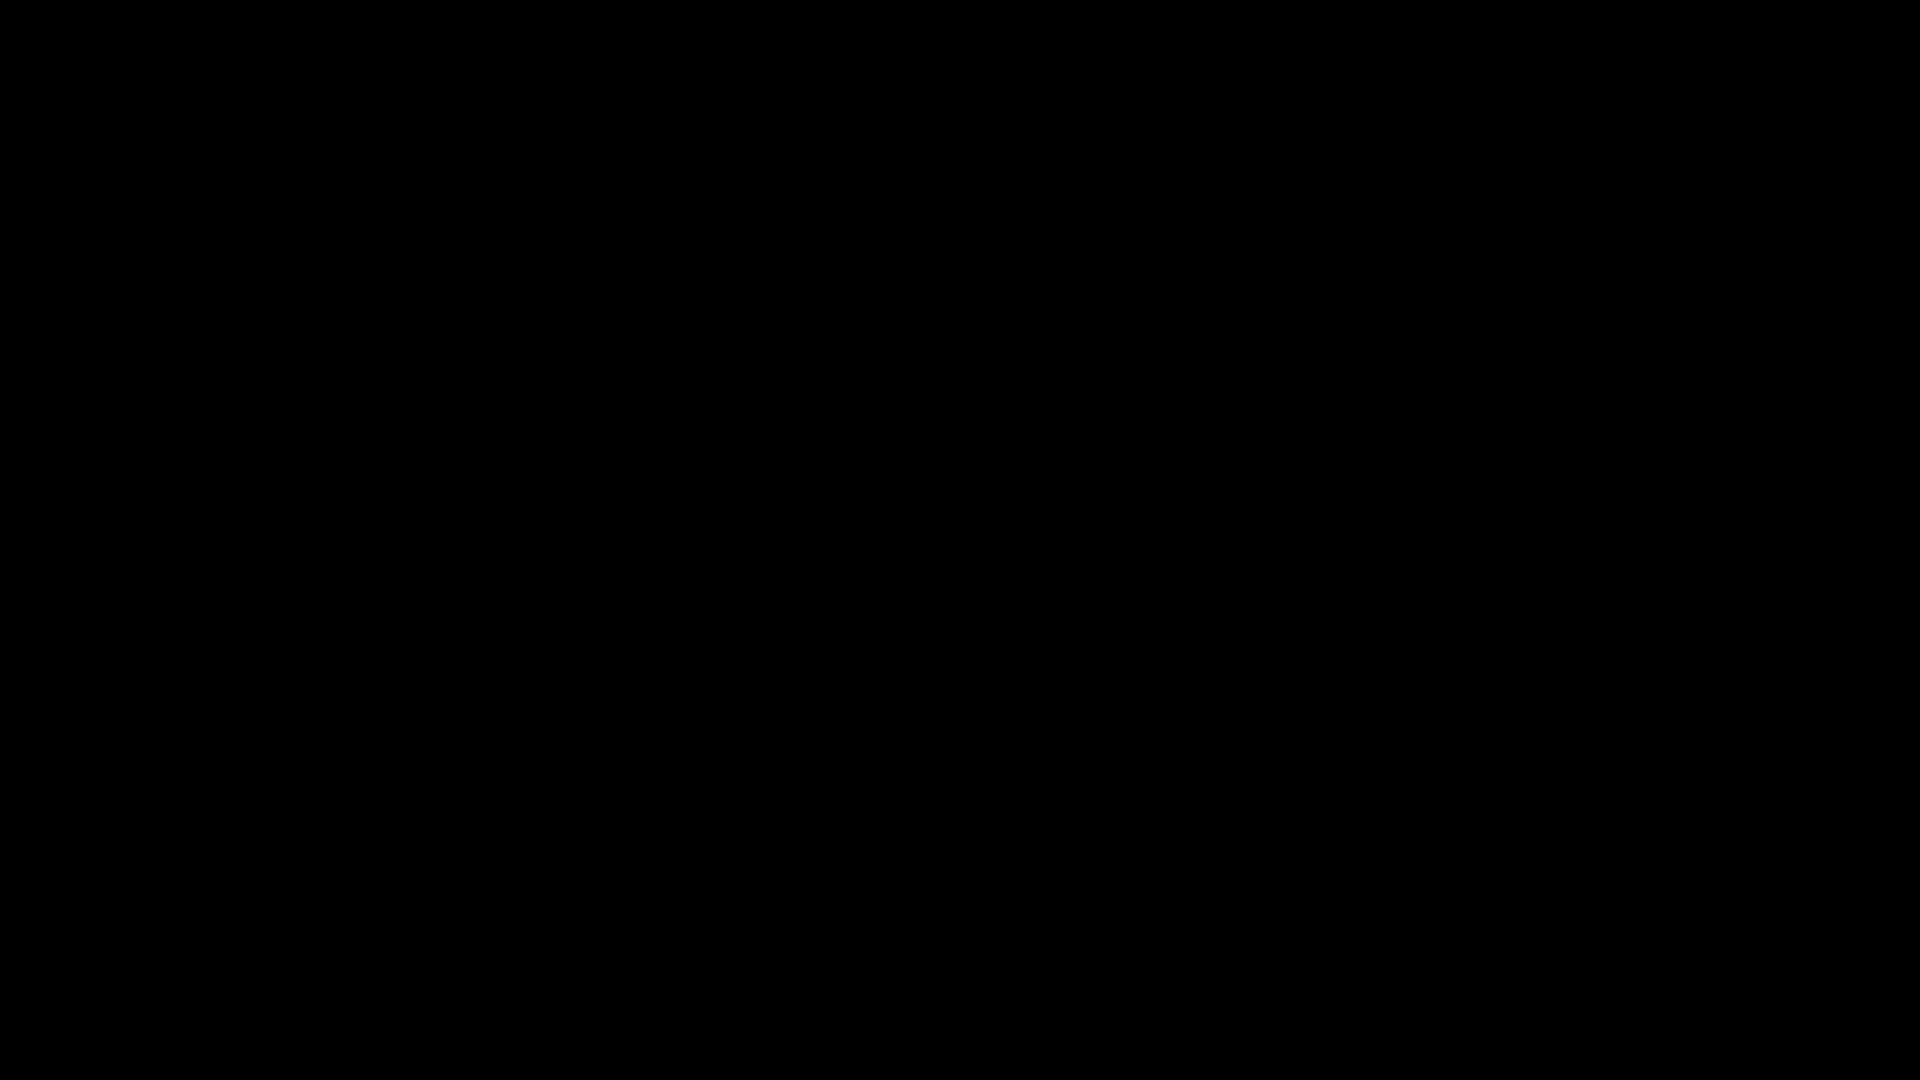 着エロ撮影だけじゃないの?~ヌード→即入れ→過激にエスカレート~ - 愛沢えみり【バック 騎乗位 フェラ 潮吹き 正常位 中だし】